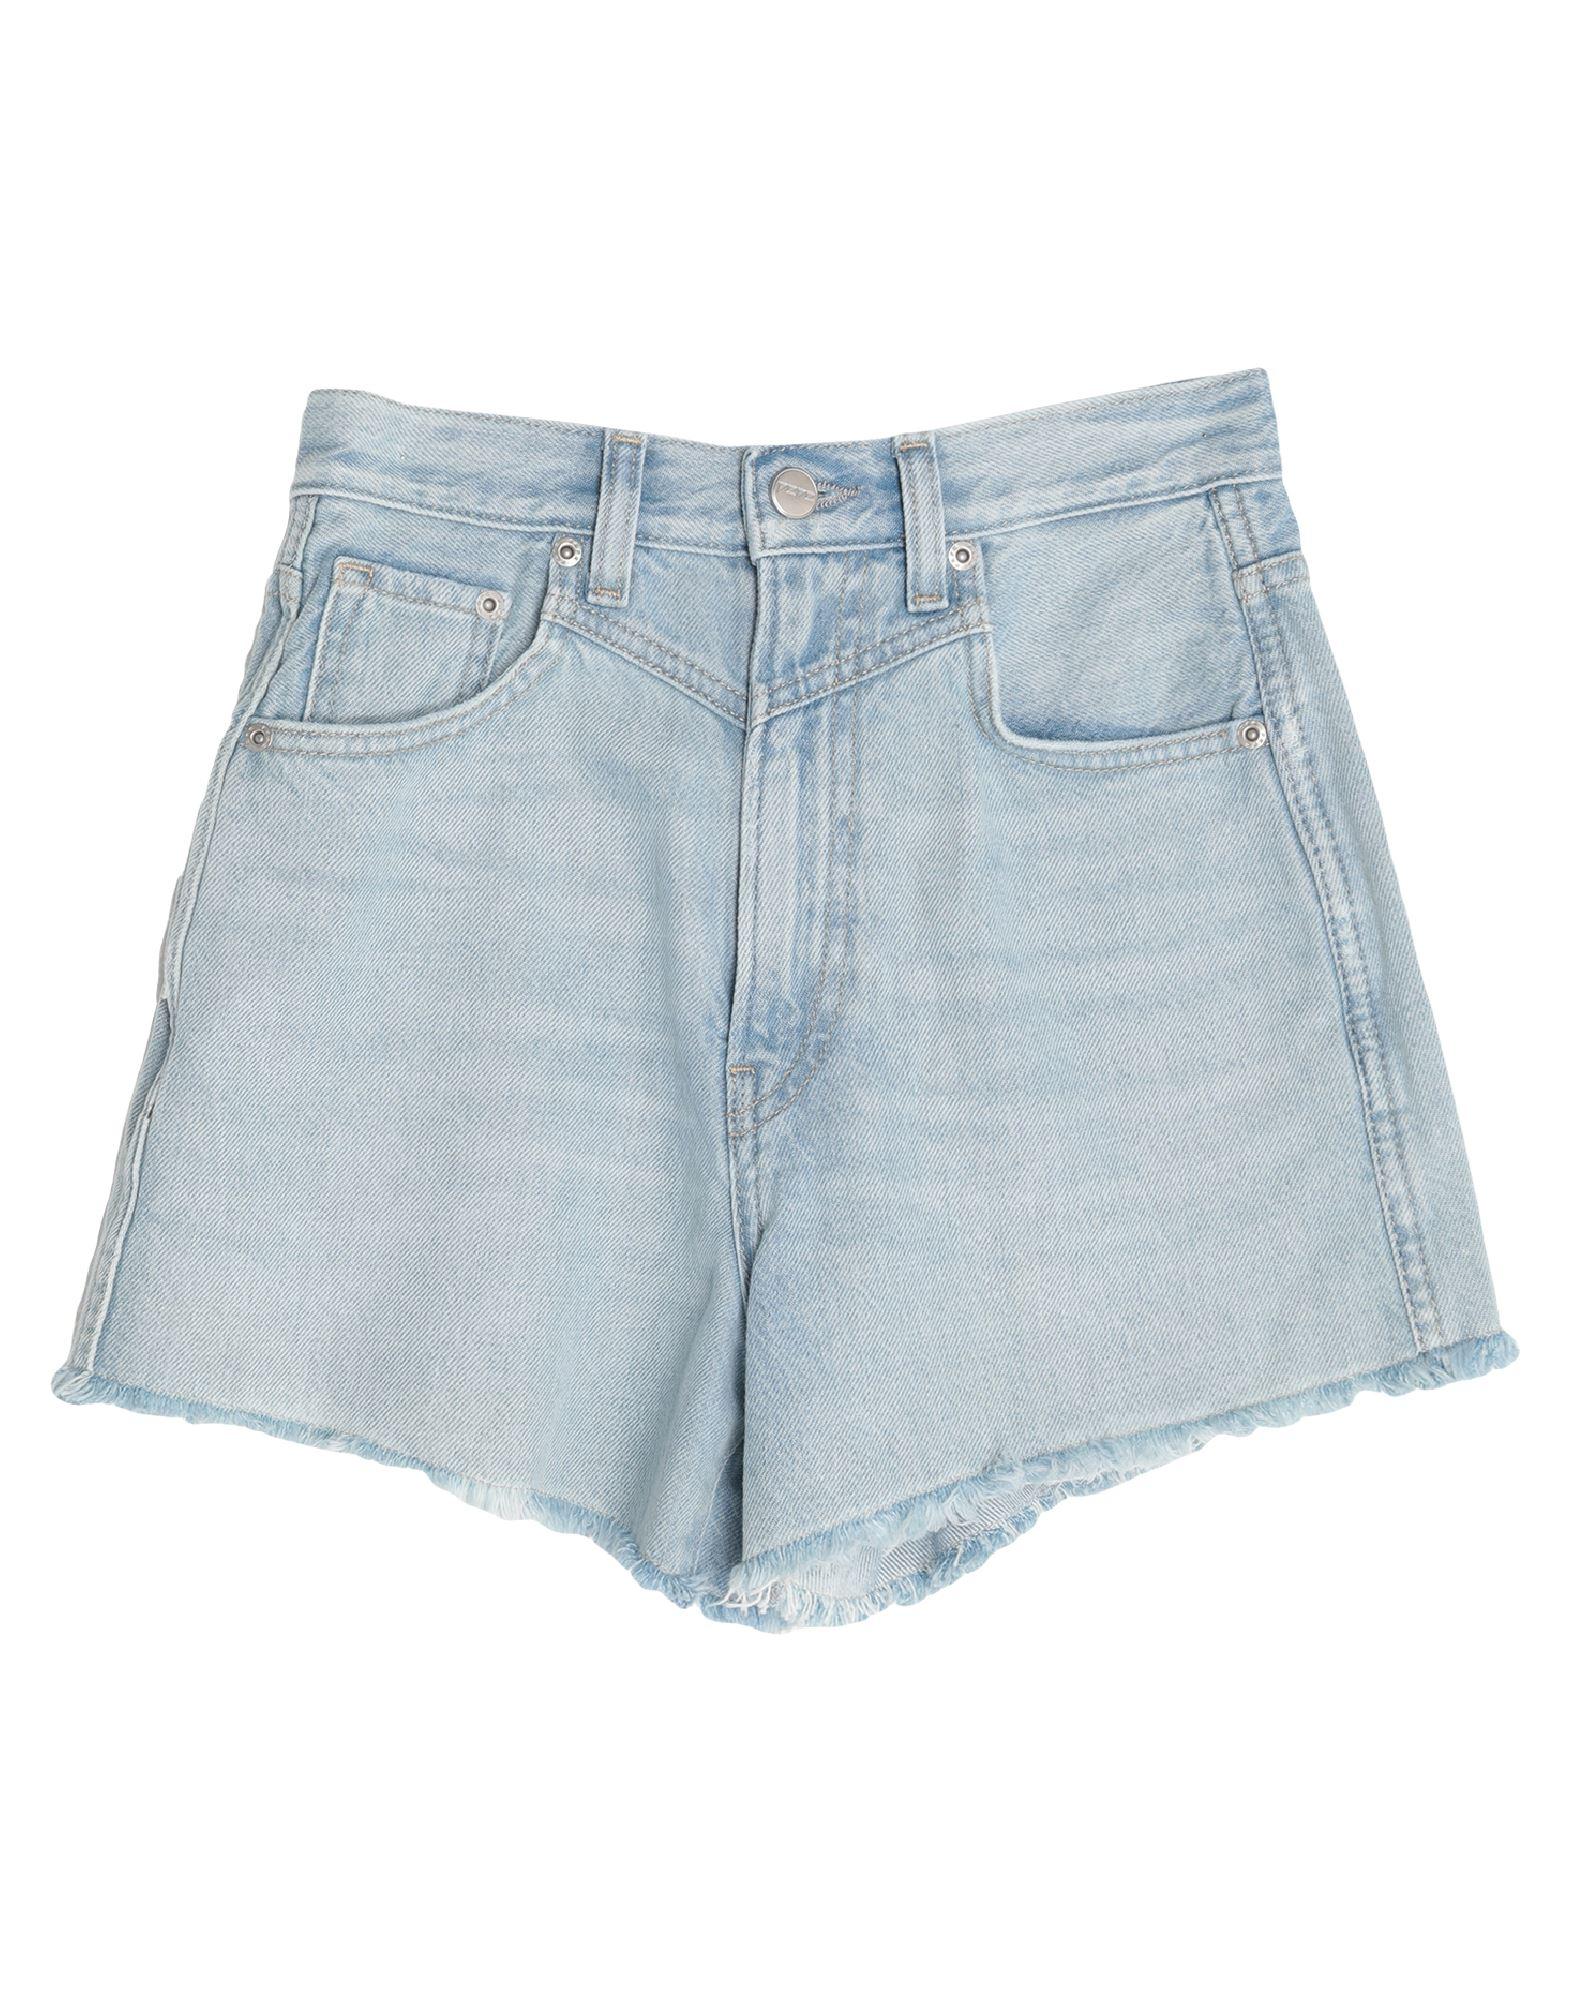 PEPE JEANS Джинсовые шорты pepe jeans джинсовые шорты